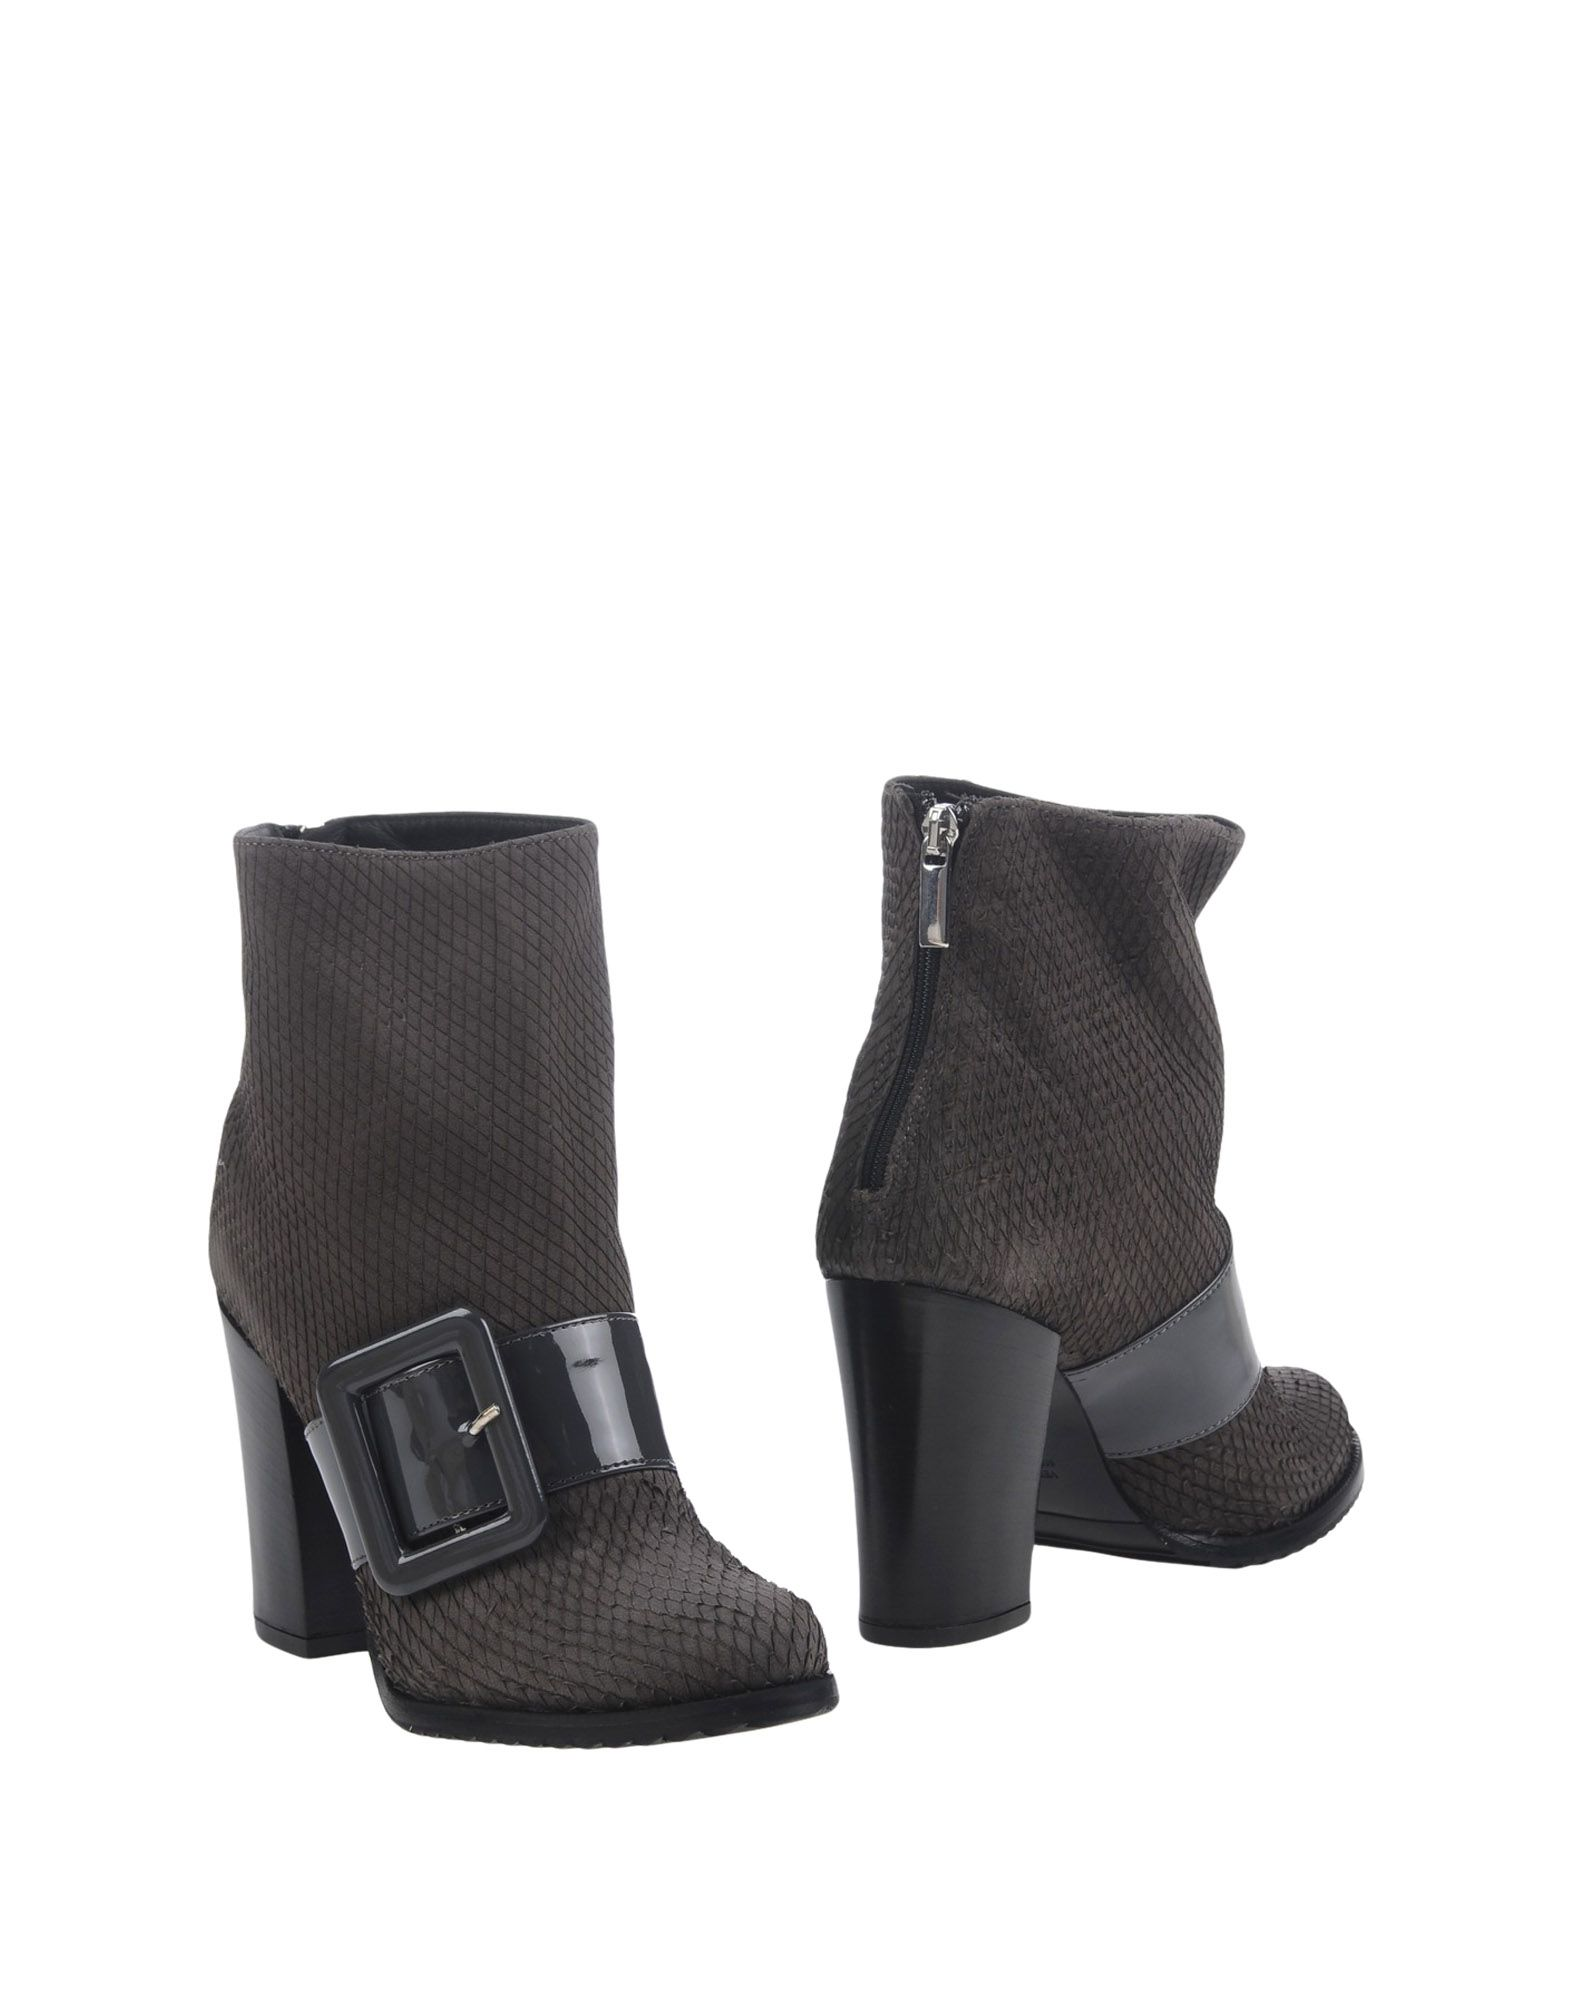 Spaziomoda Stiefelette Damen  11221732VF Gute Qualität beliebte Schuhe